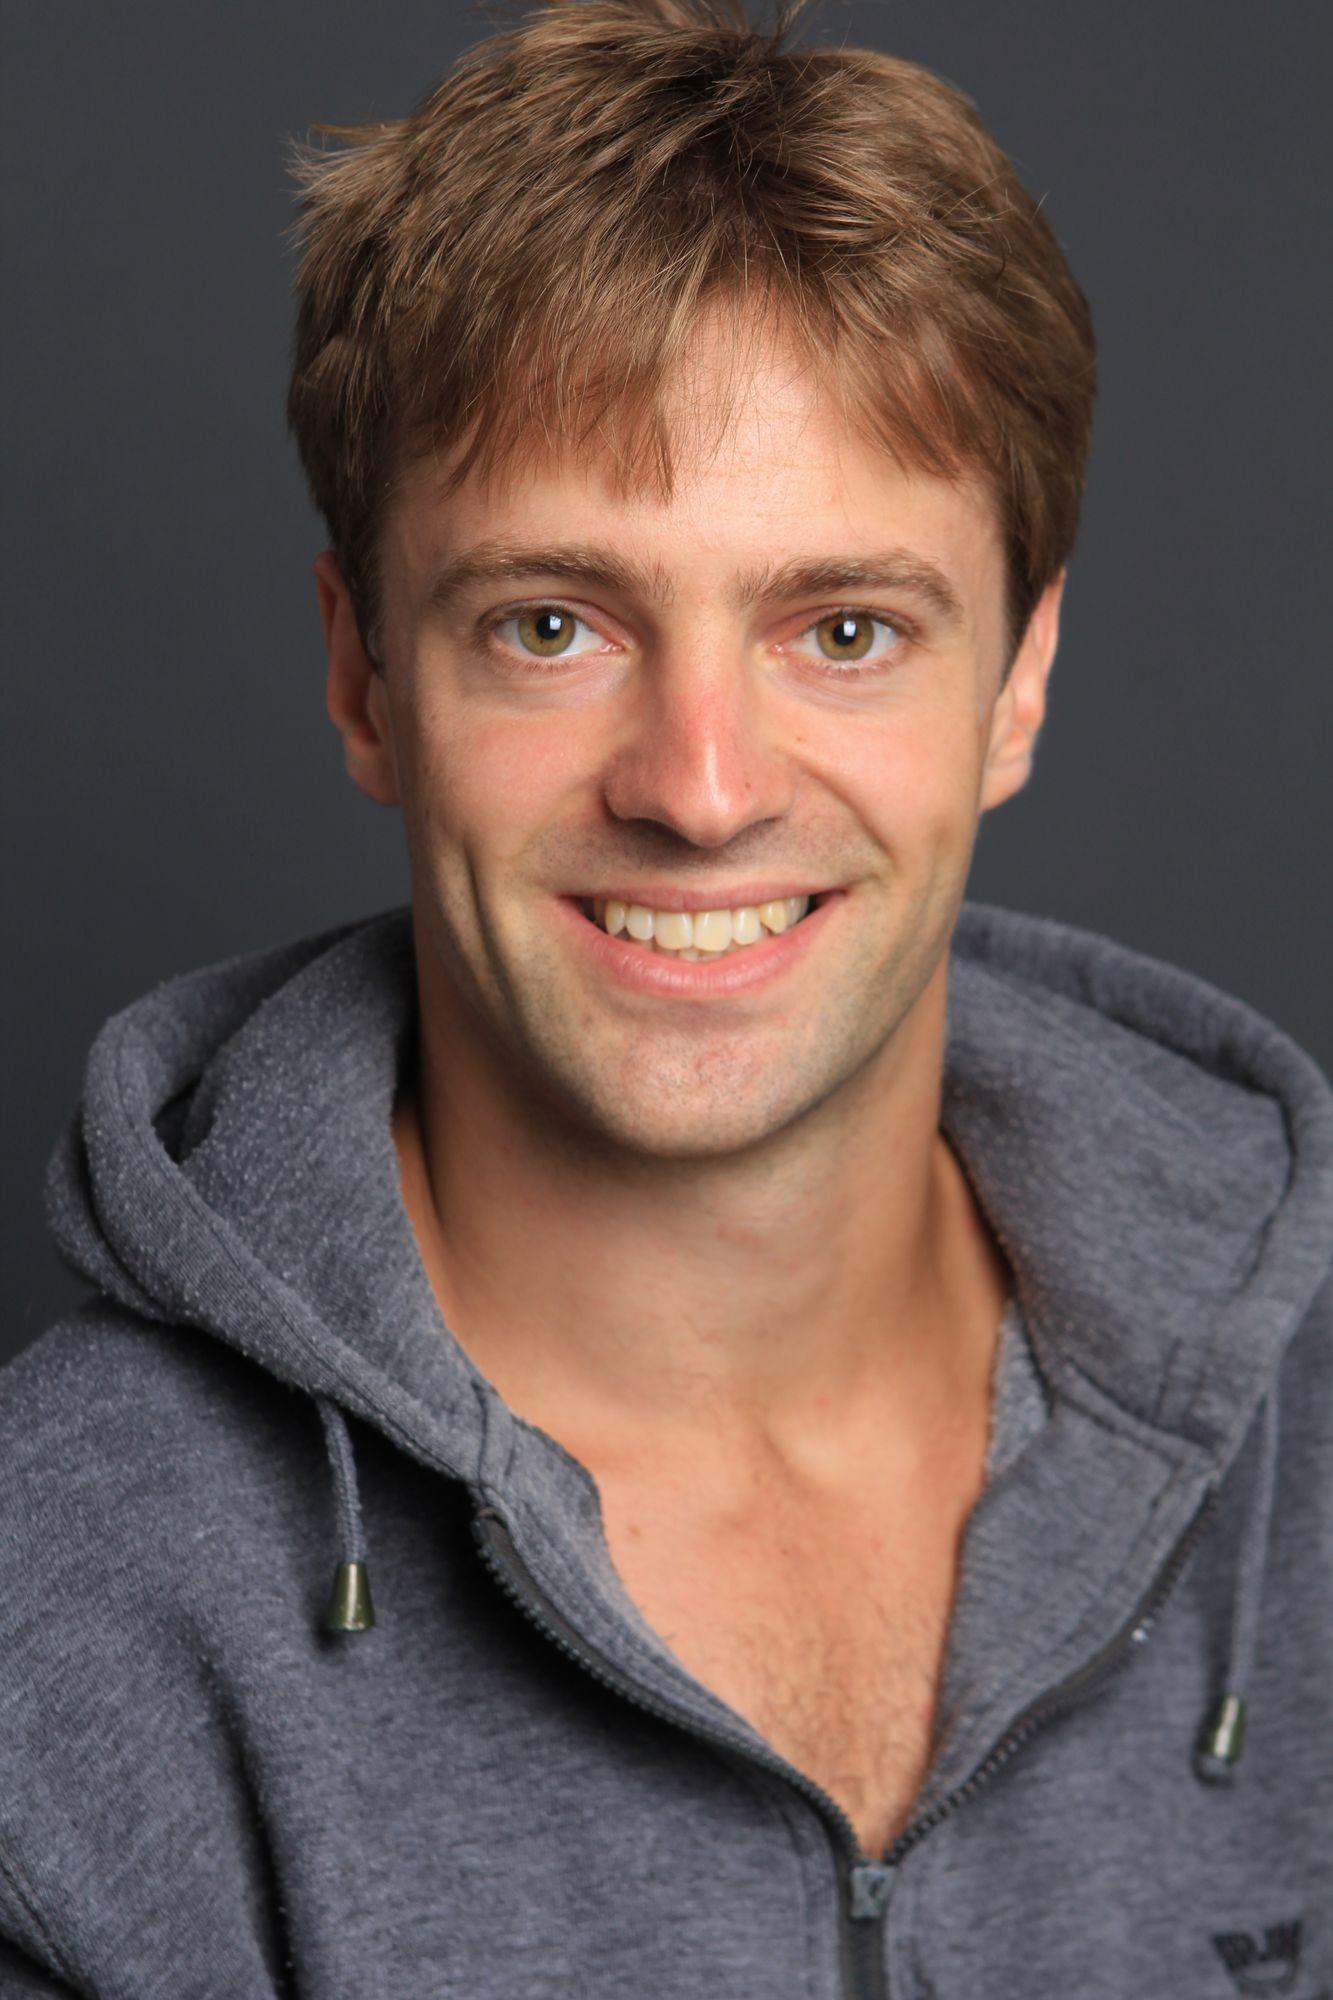 Anton Zwijsen Commercial Photo 1